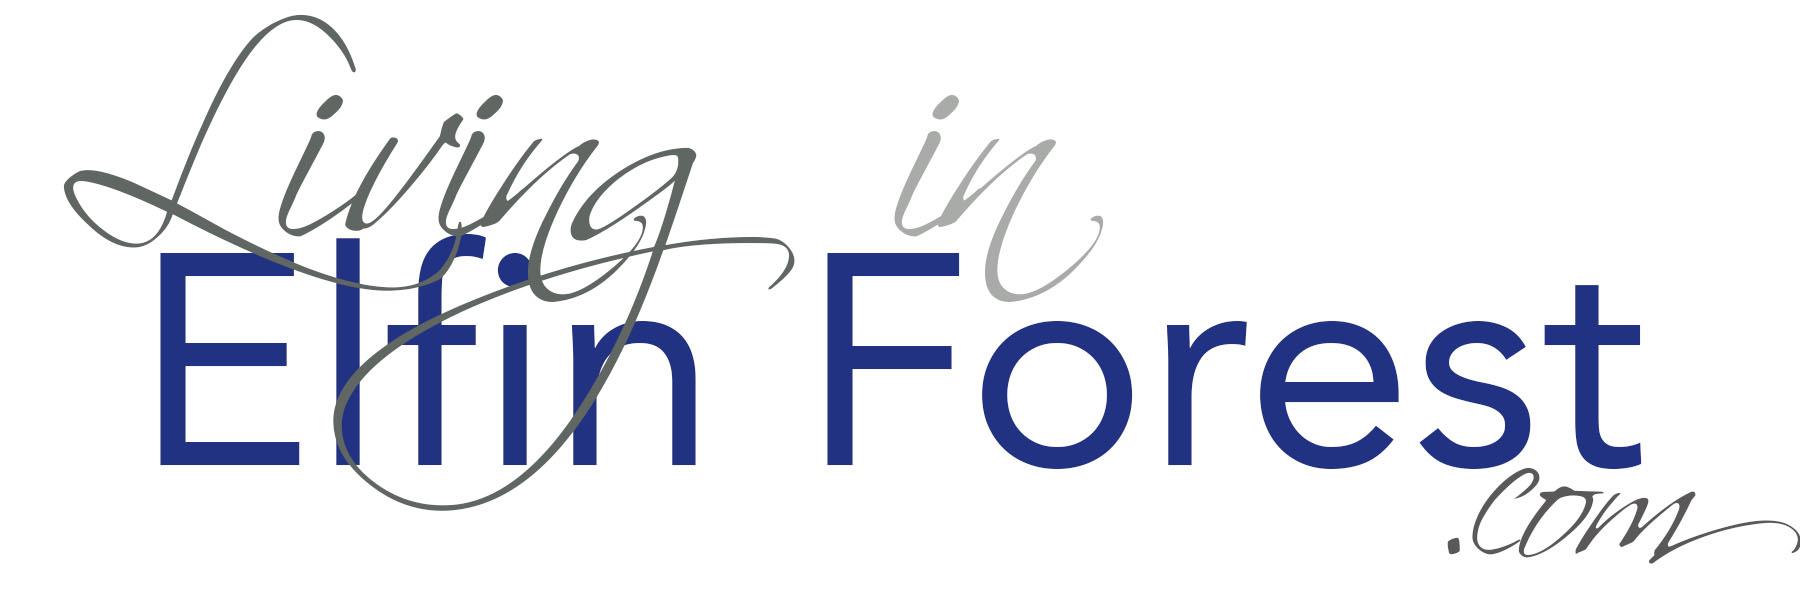 #1 Elfin Forest Real Estate Website